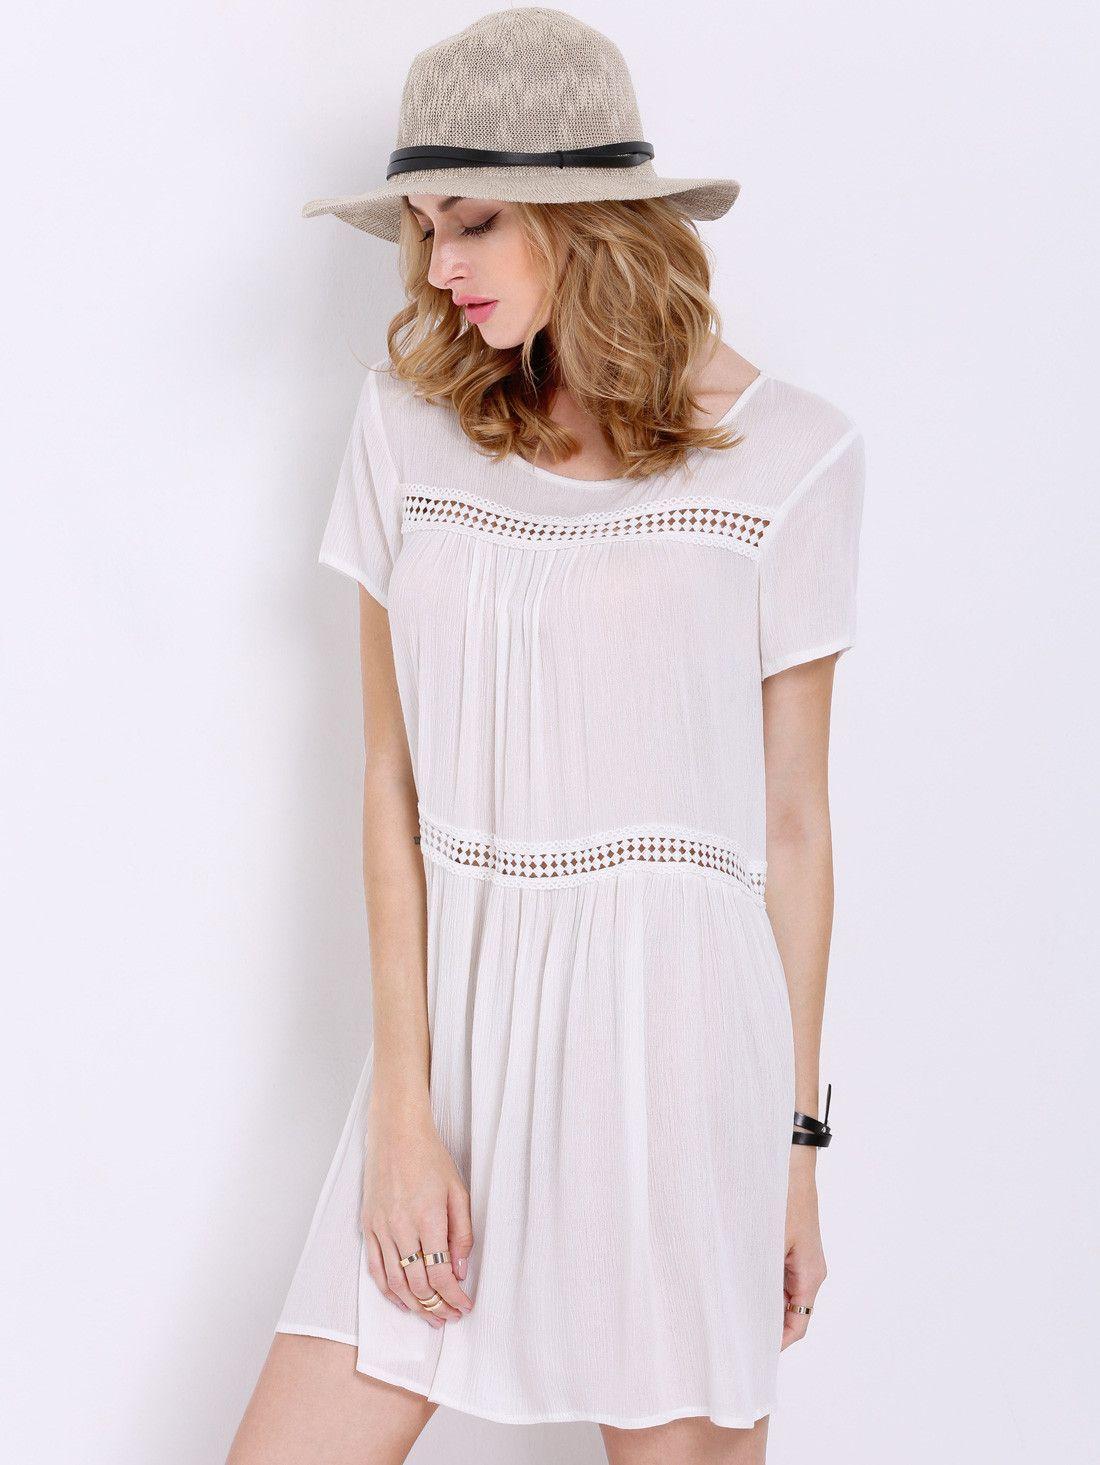 White Short Sleeve Shift Dress